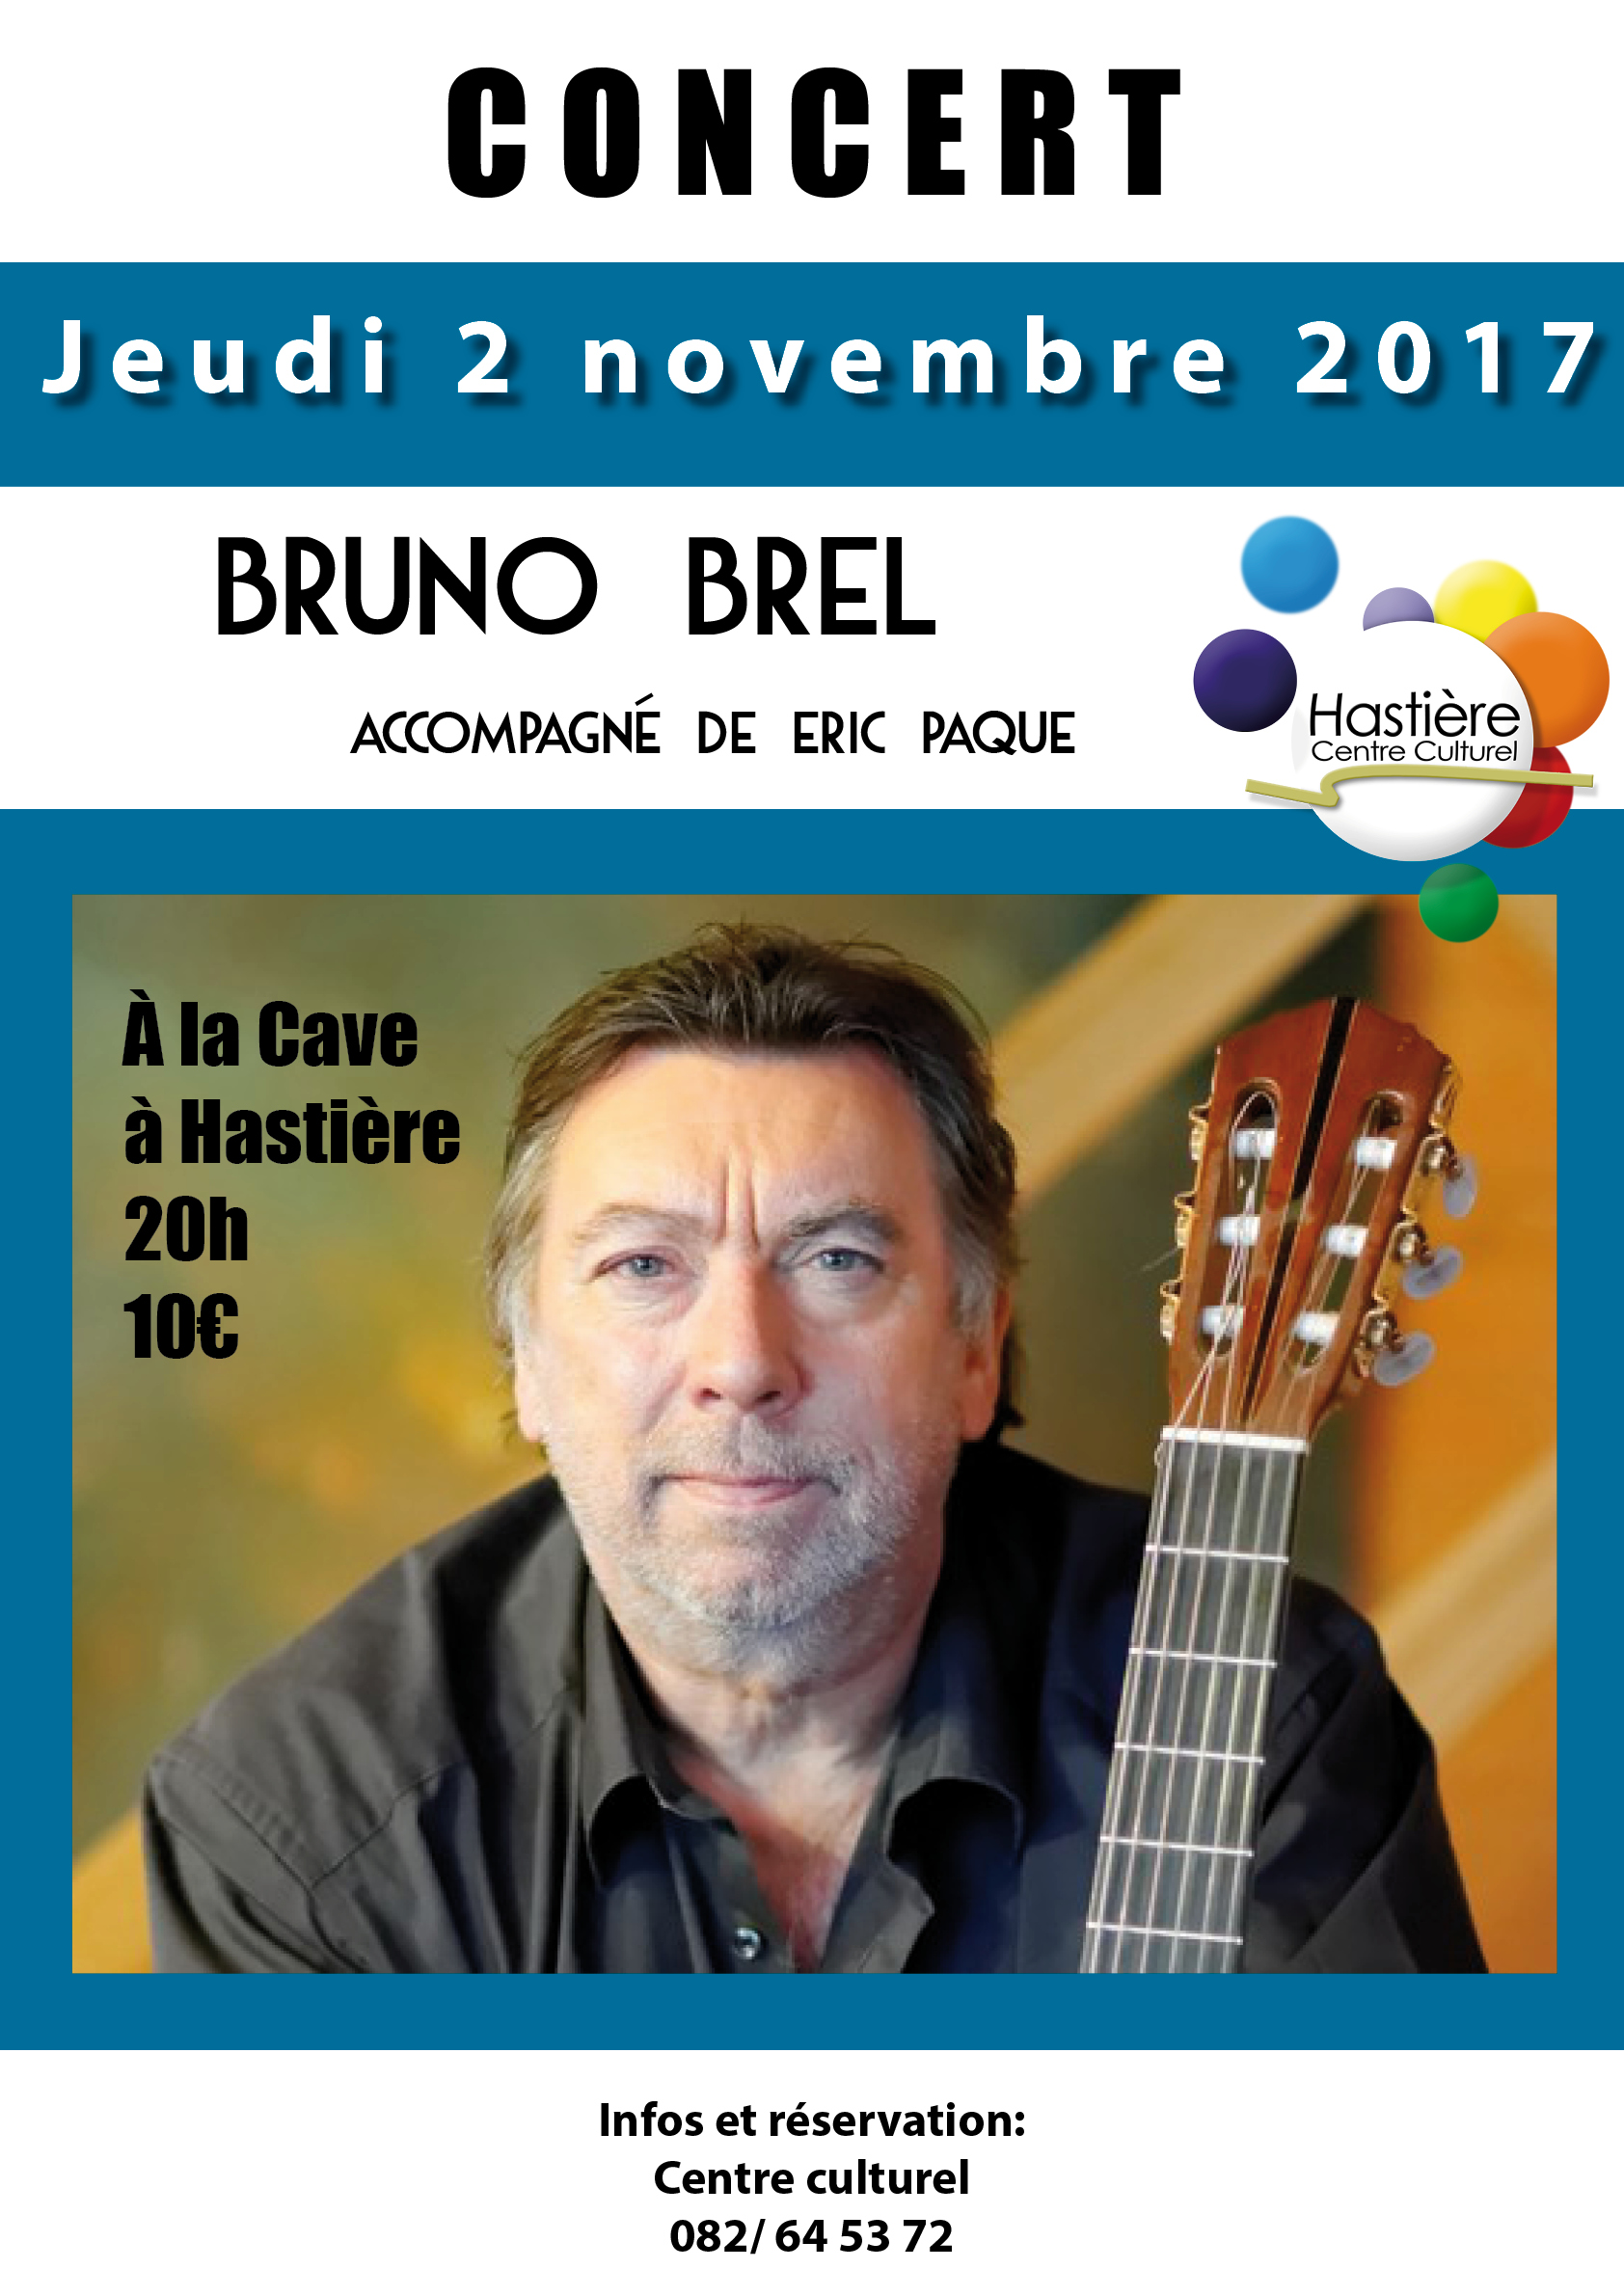 Concert de Bruno Brel @ La Cave à Hastière